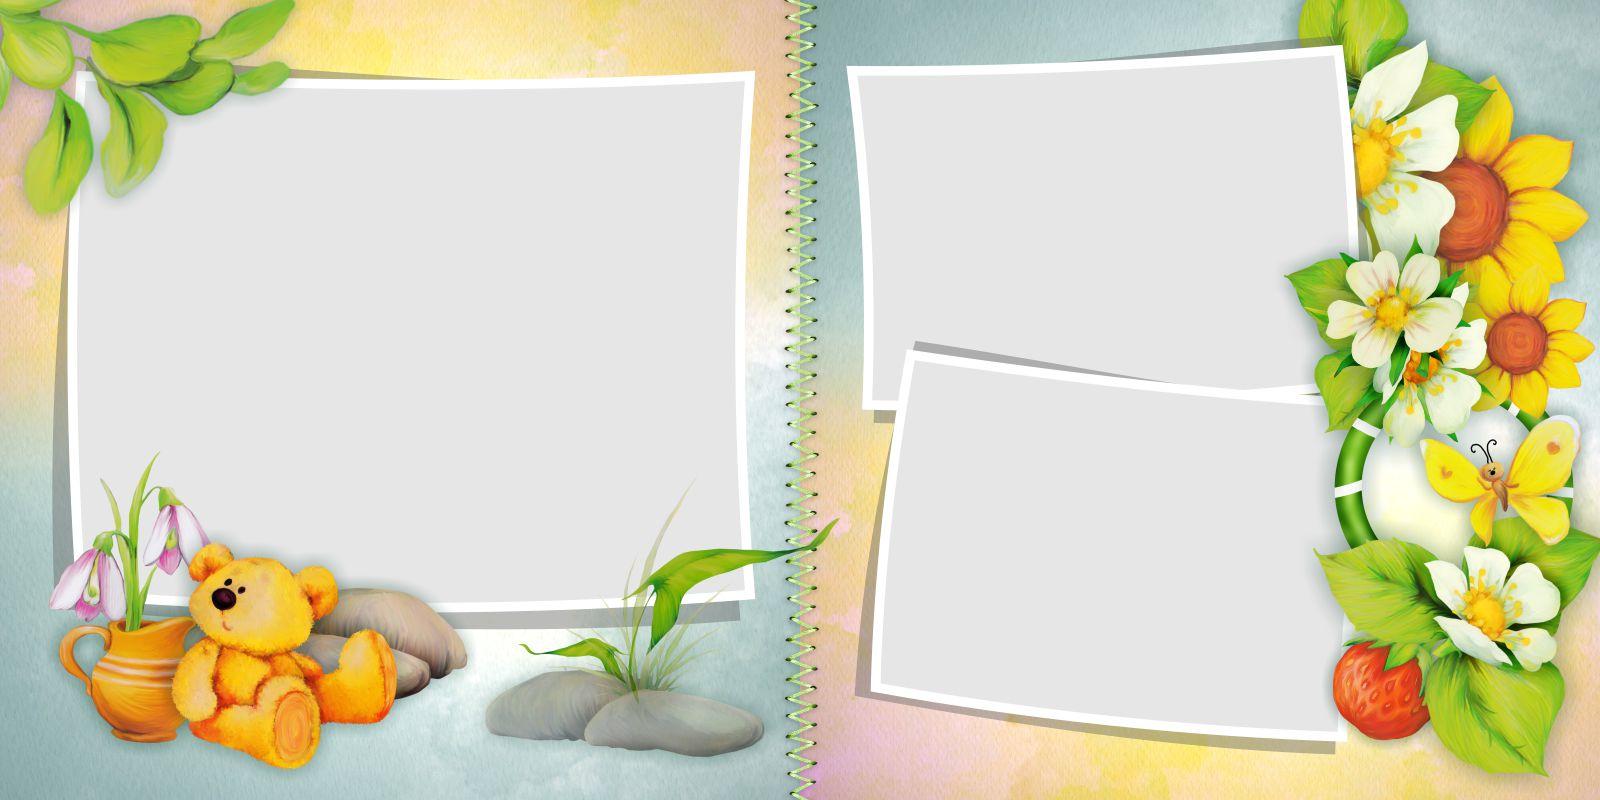 фотокнига для ребенка шаблон